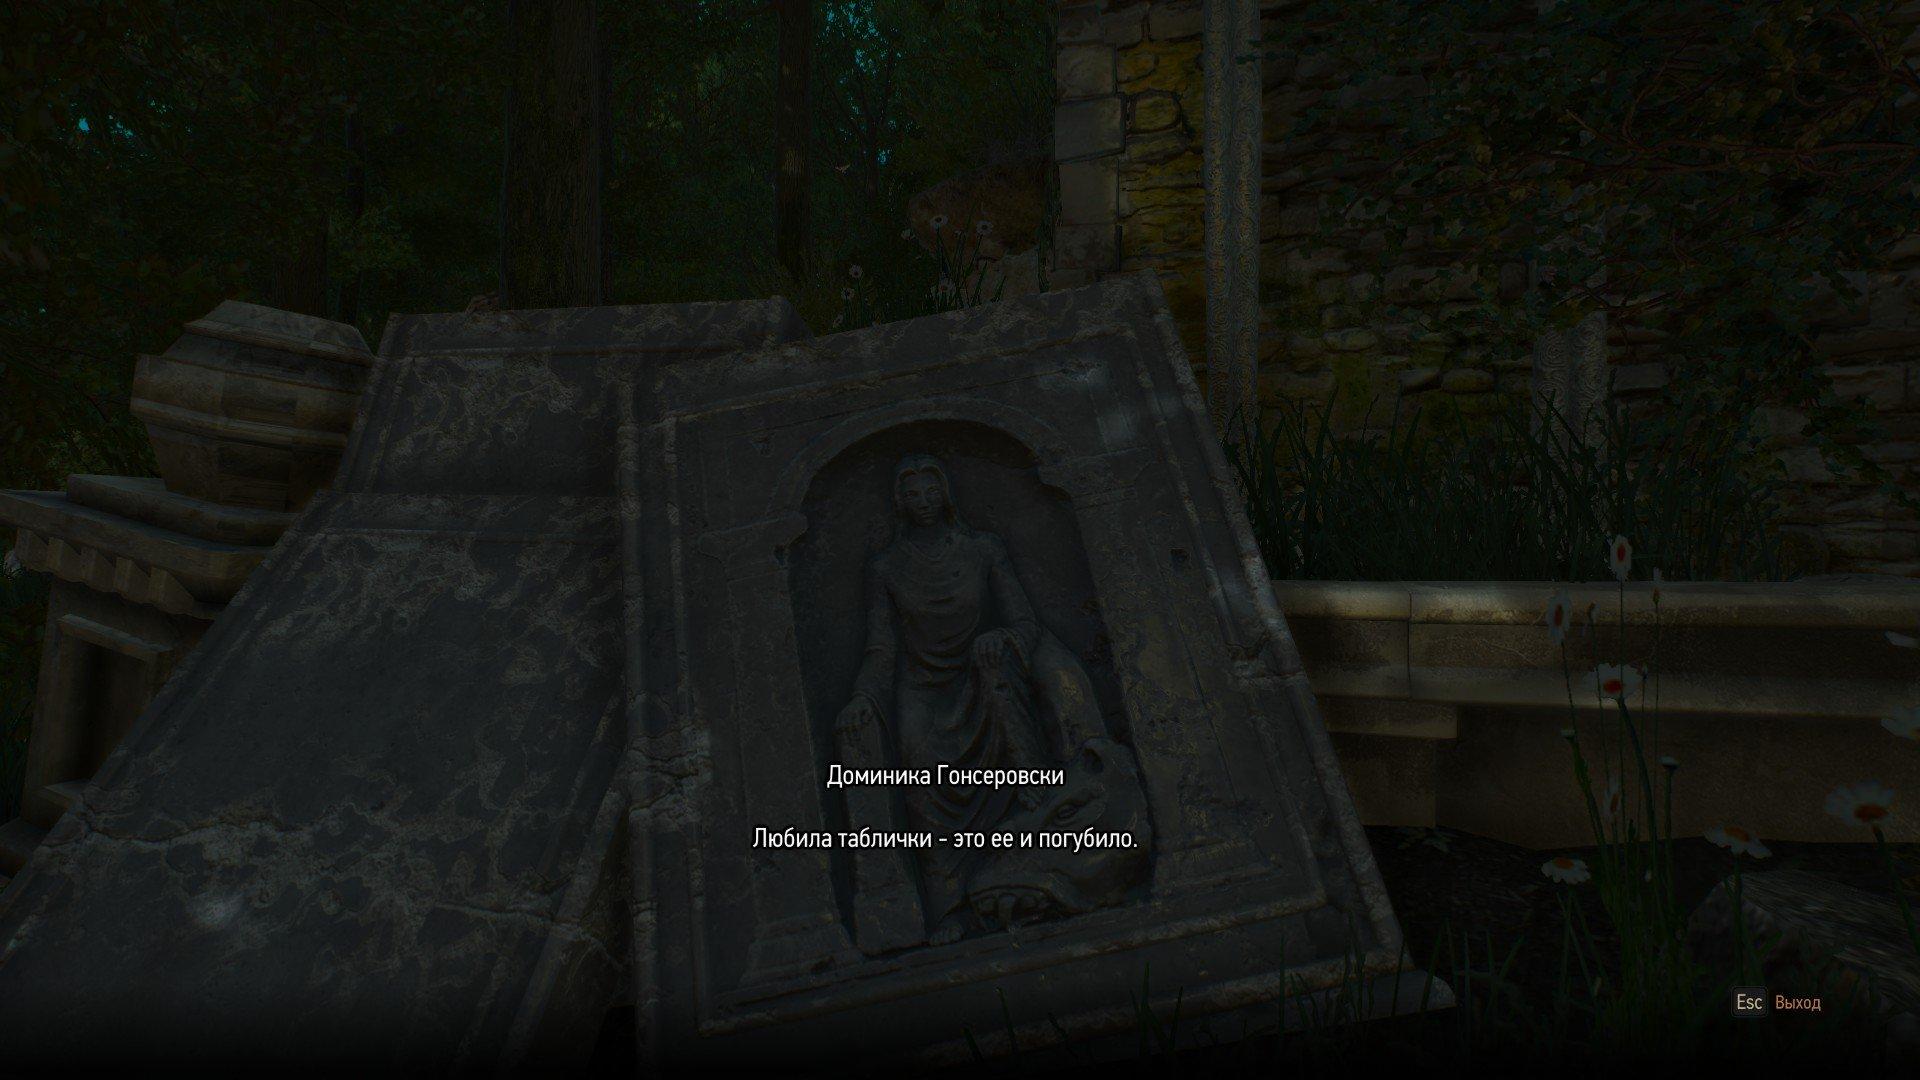 Вопль-прохождение Witcher 3: Кровь и Вино ... ФИНАЛ!!! [ВНИМАНИЕ, СПОЙЛЕРЫ] - Изображение 6